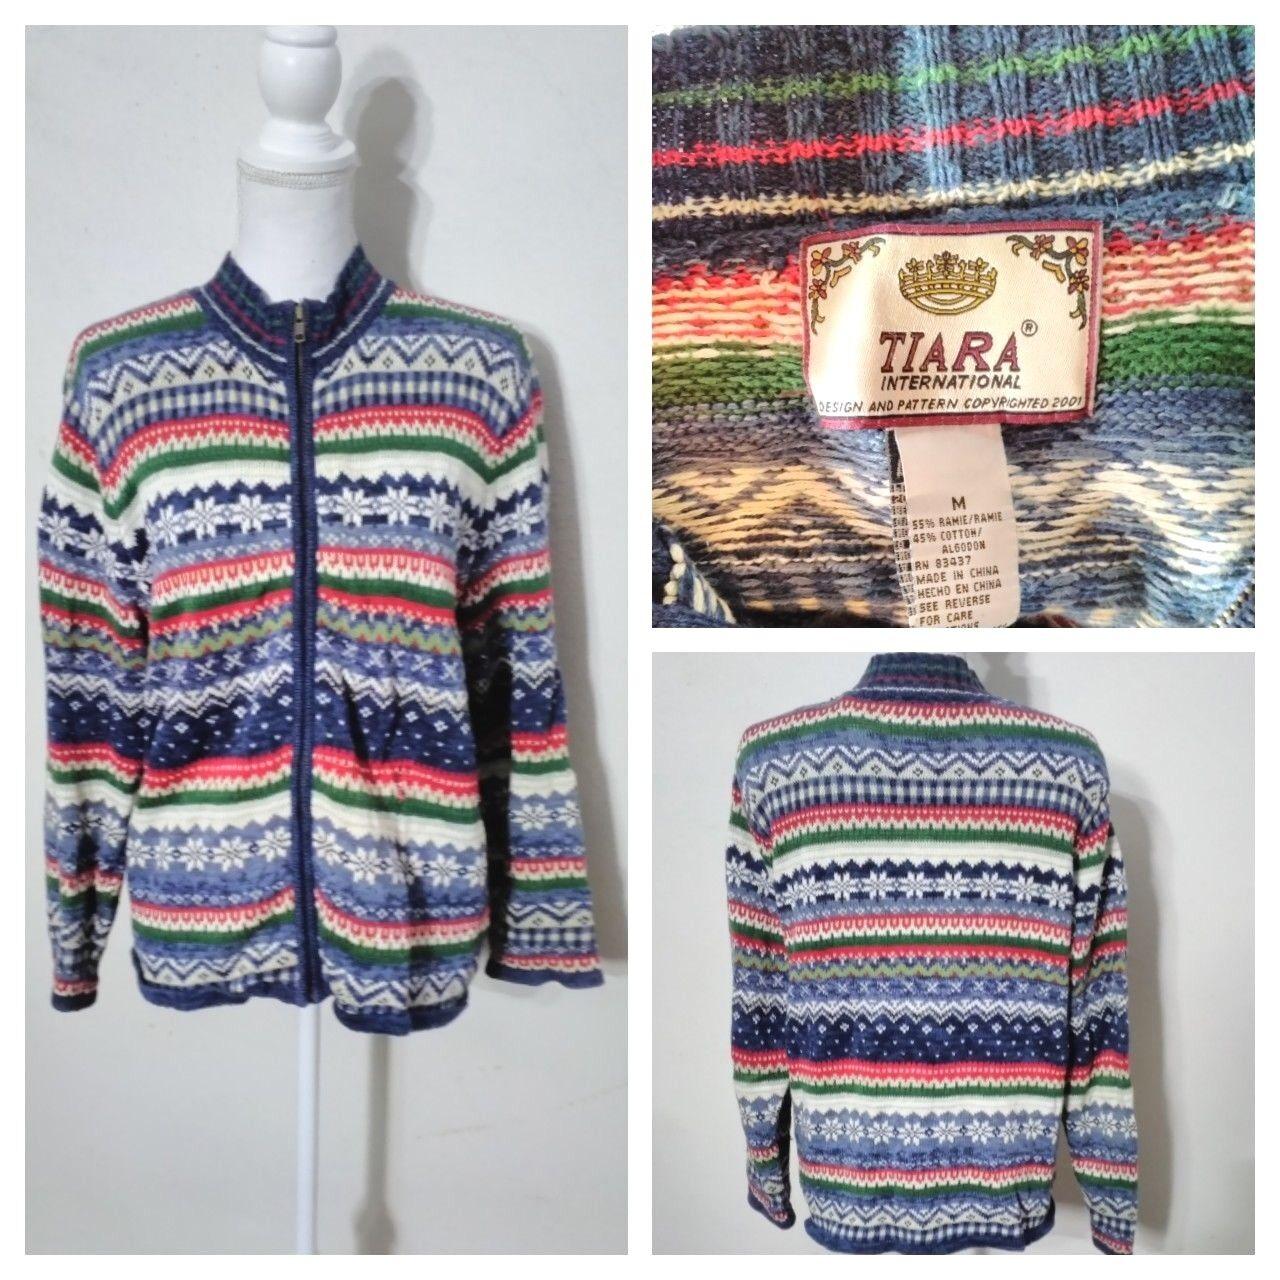 Tiara Heavy Sweater Women's M Multi-color Snowflake High Grade Inv S8304